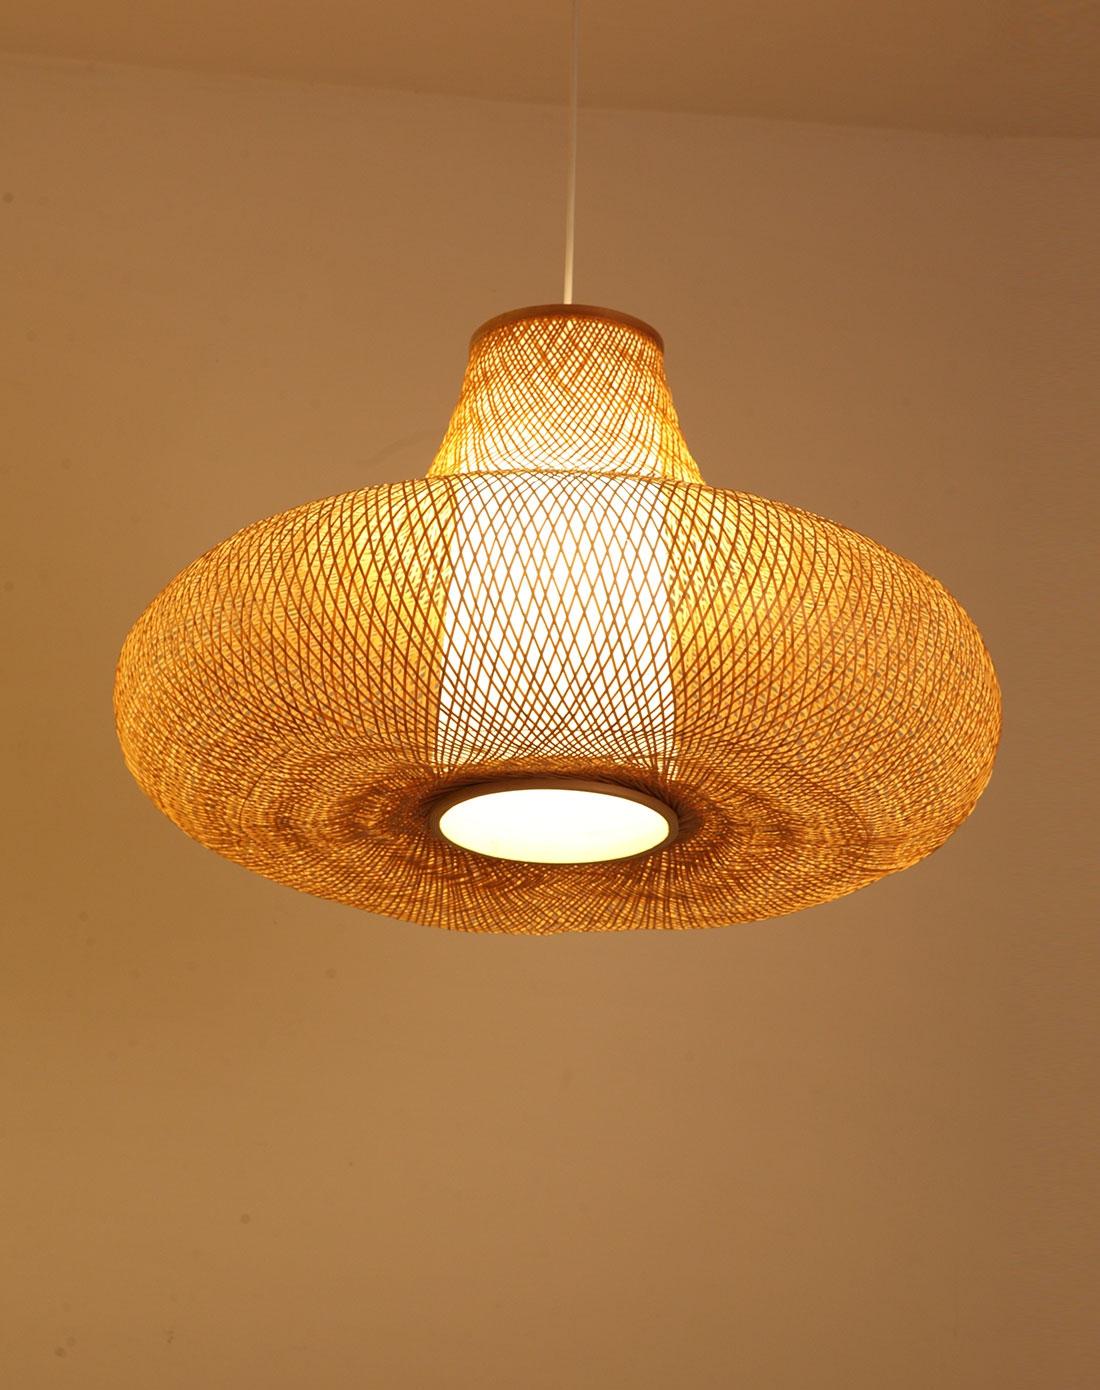 比月灯饰专场比月中式客厅田园创意竹编吊灯3159小号图片